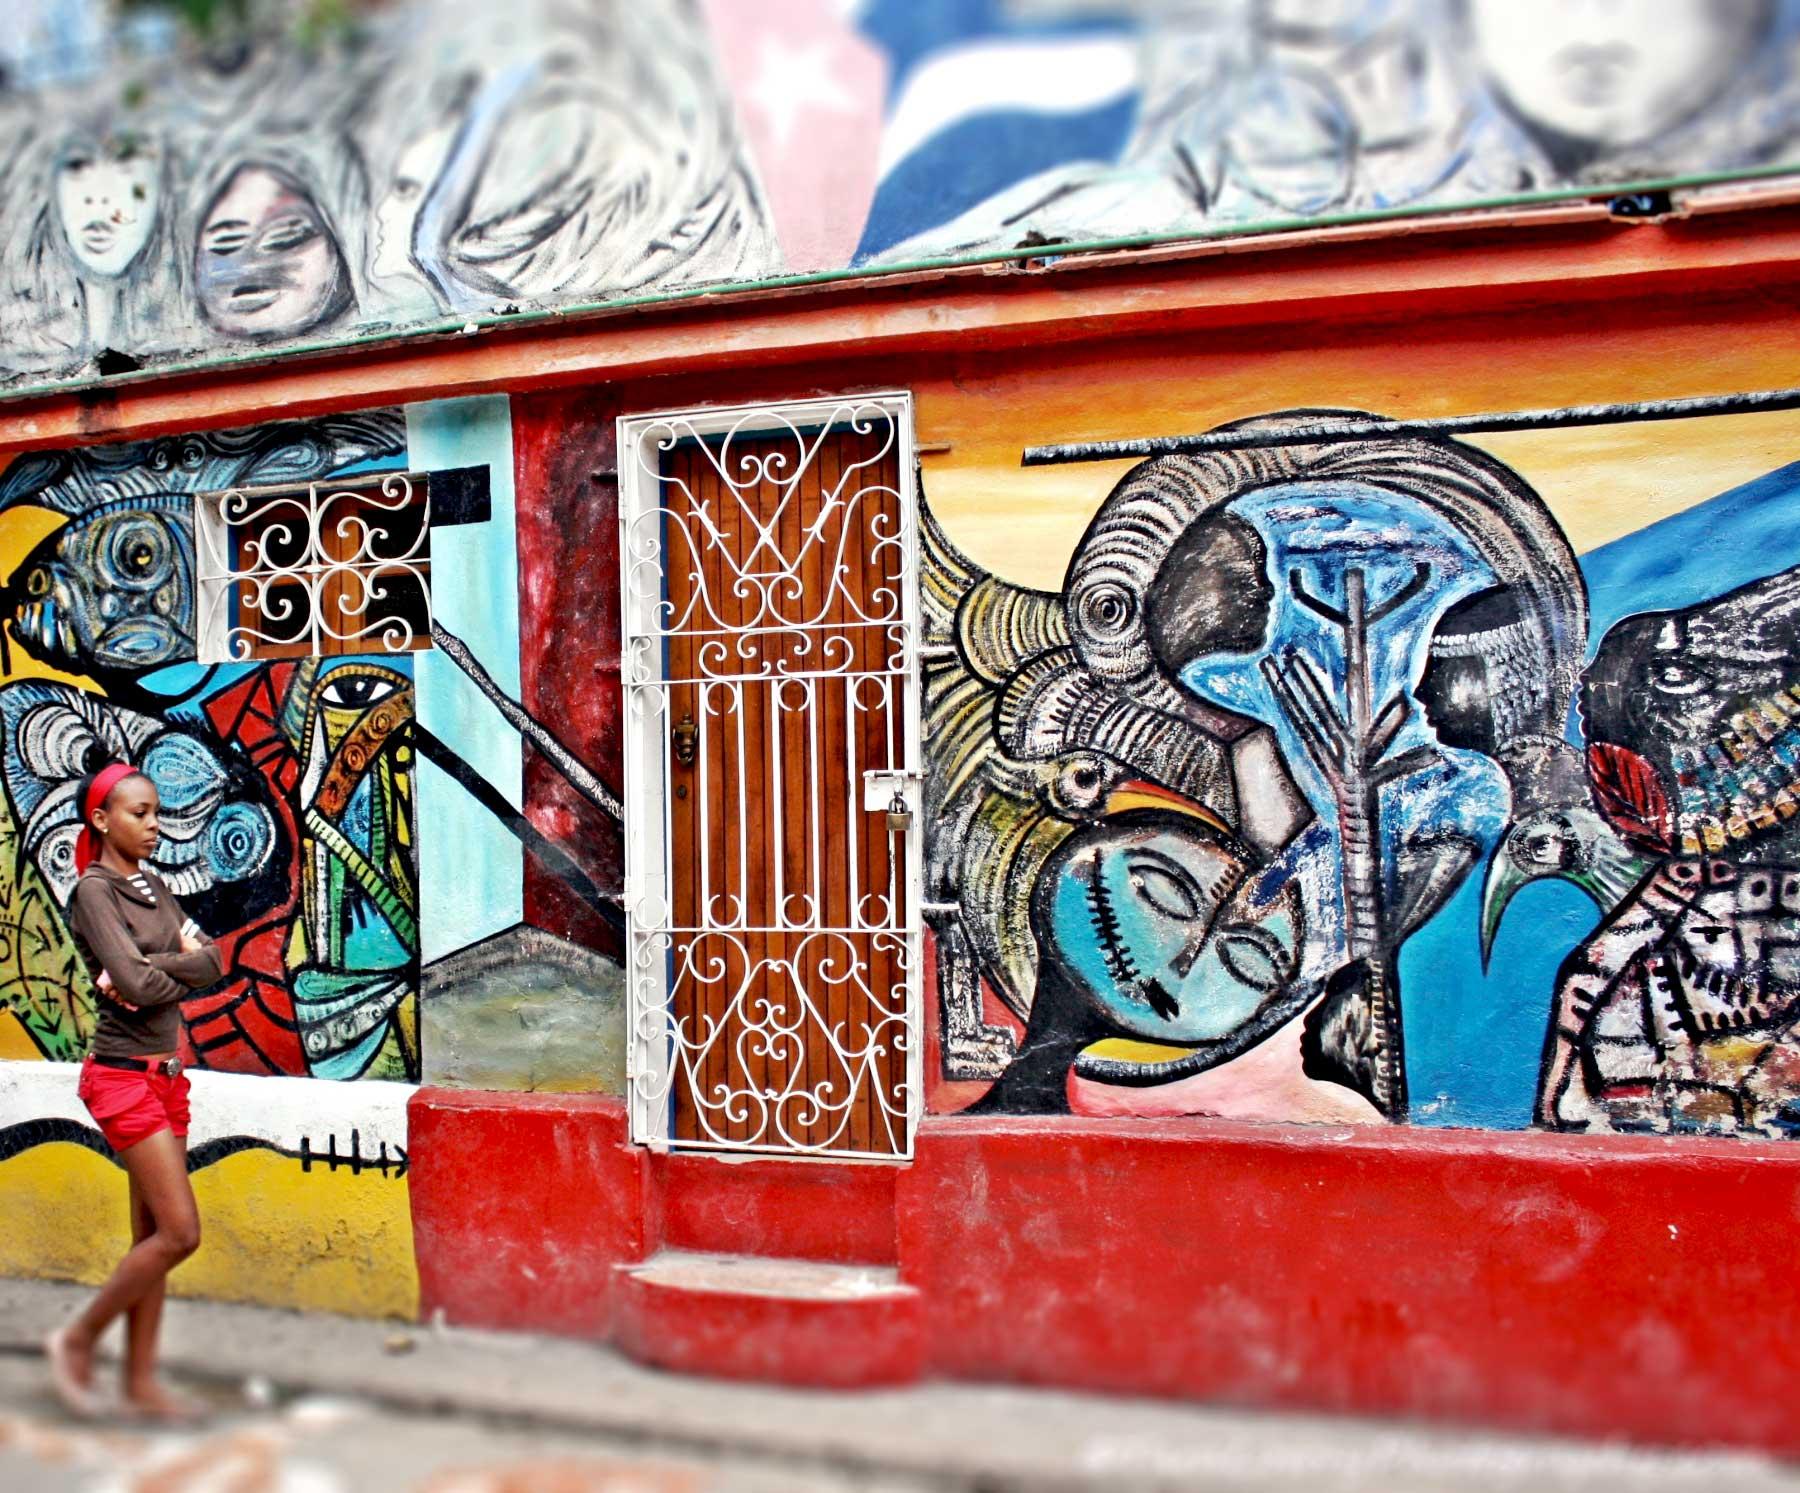 Ebco-Cuba-art-mural.jpg